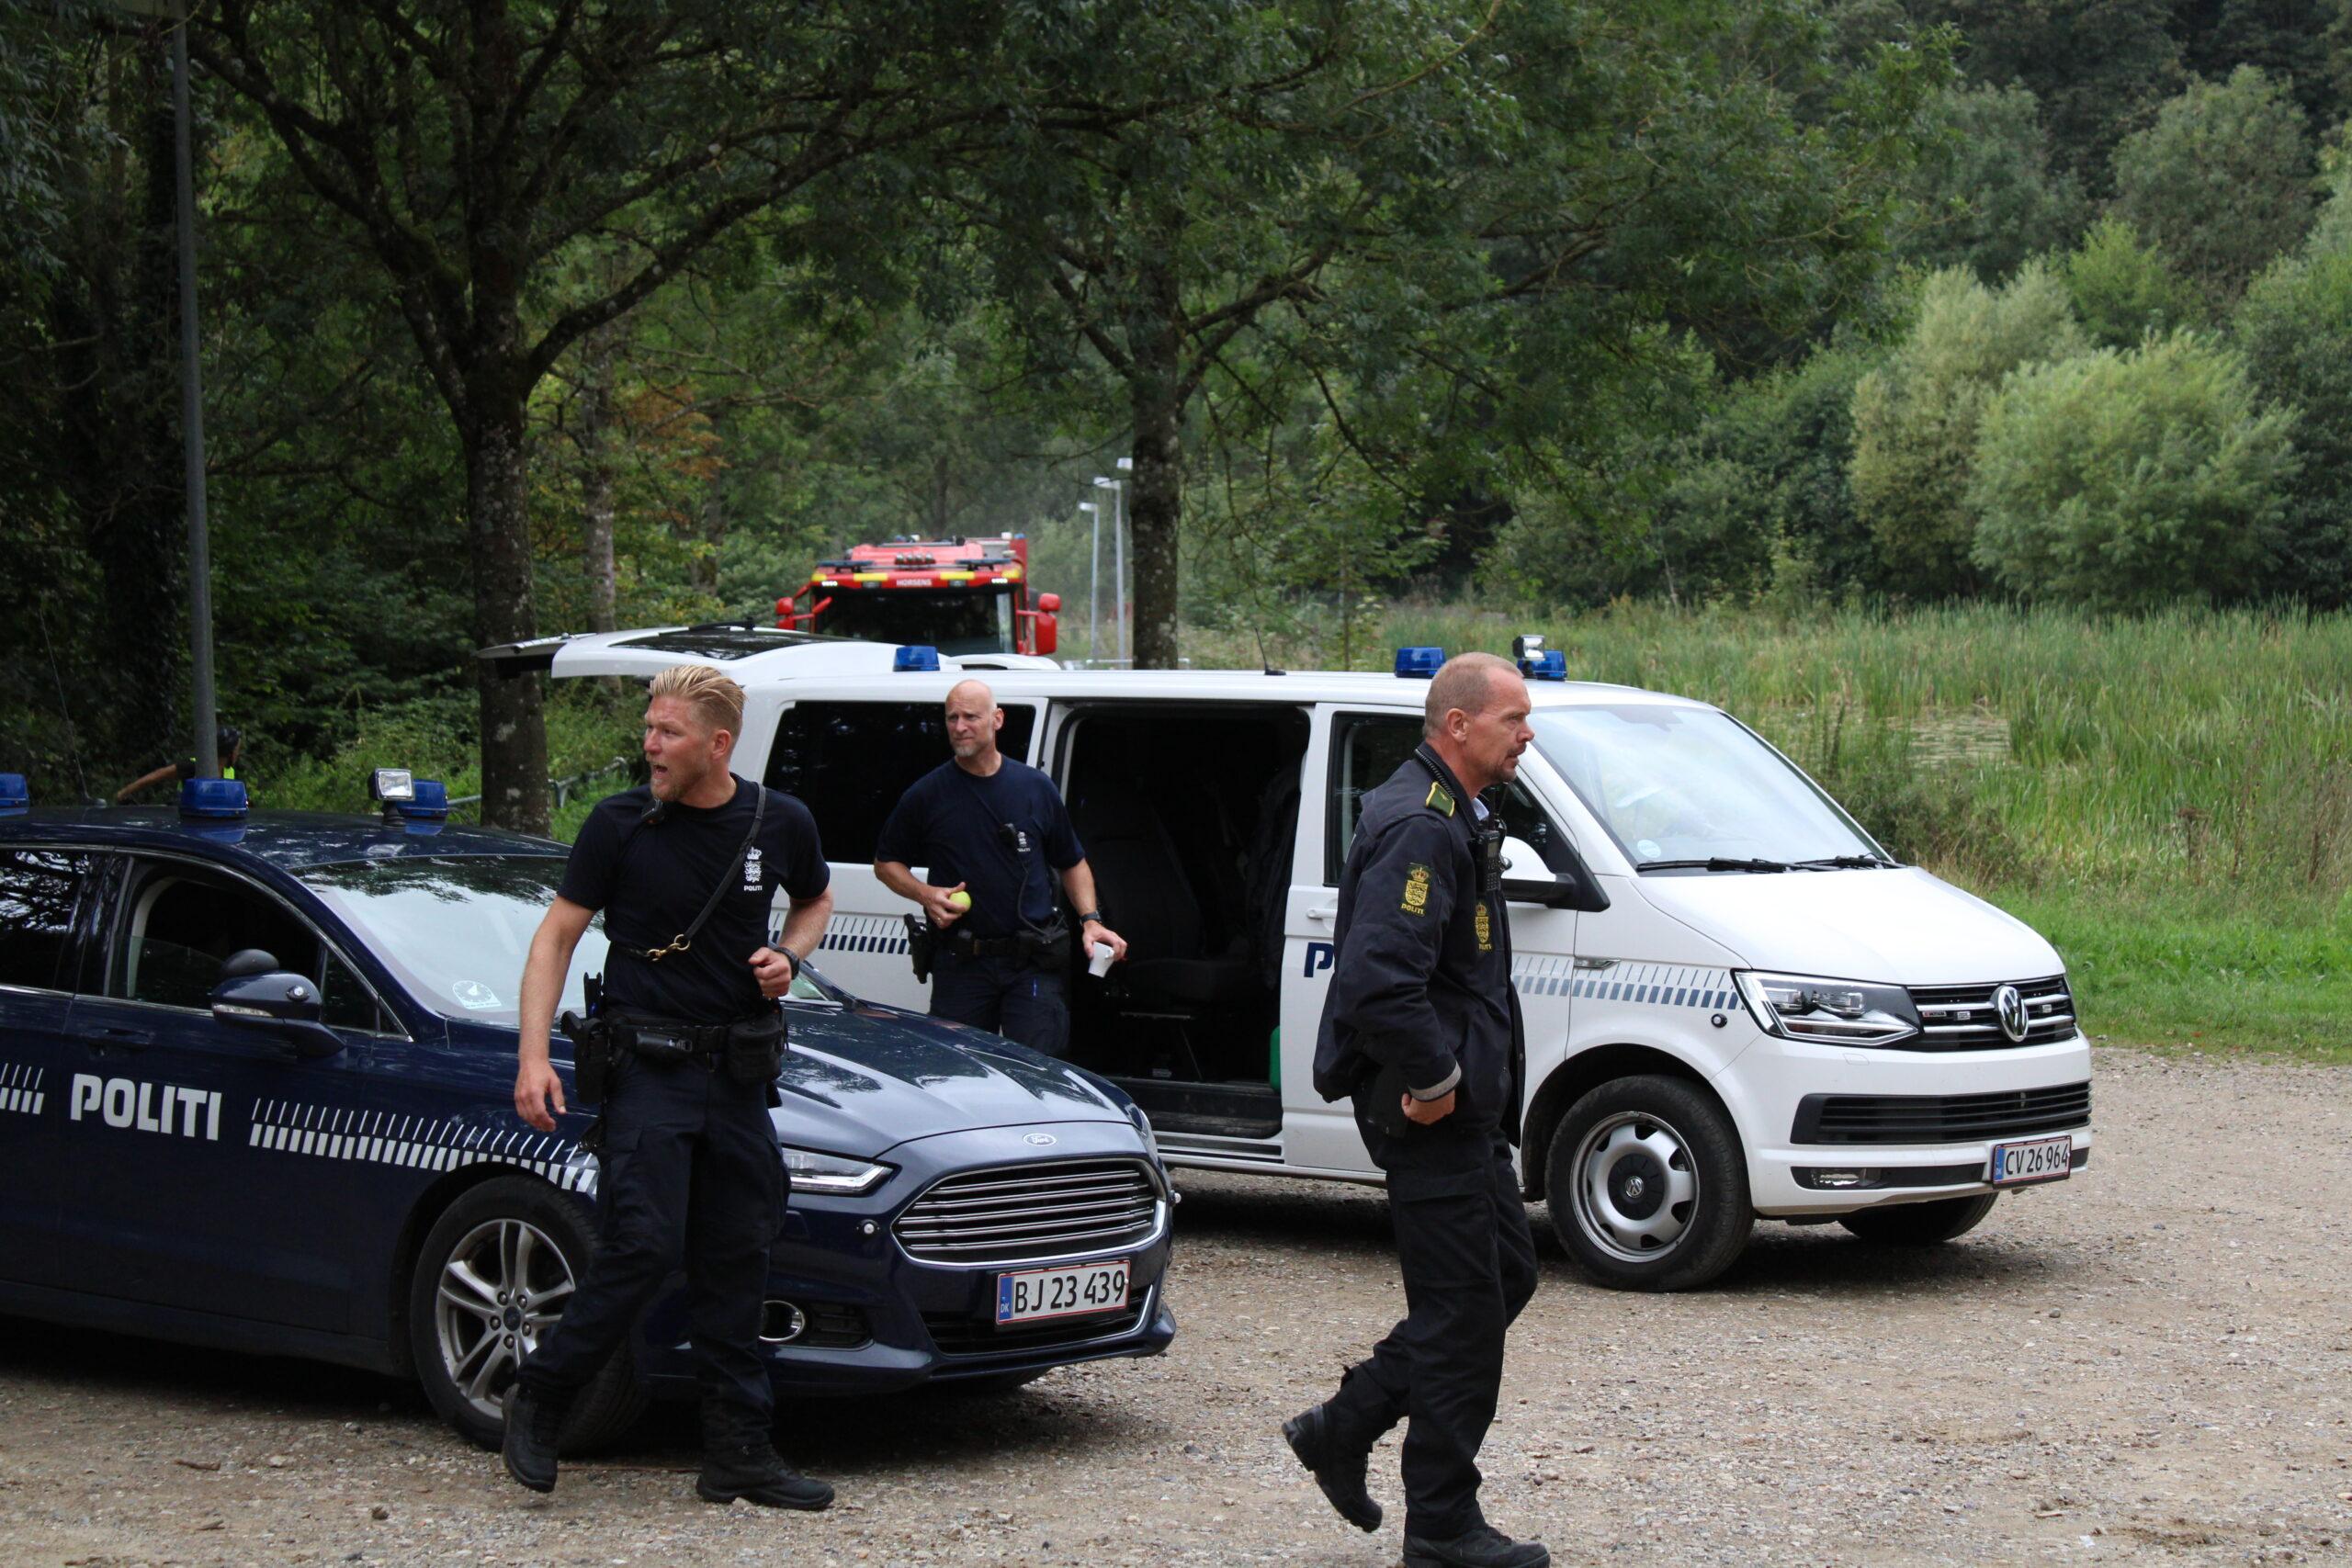 OPDATERING: Omkommet person ved Egebjerg er efterlyst 92-årig mand